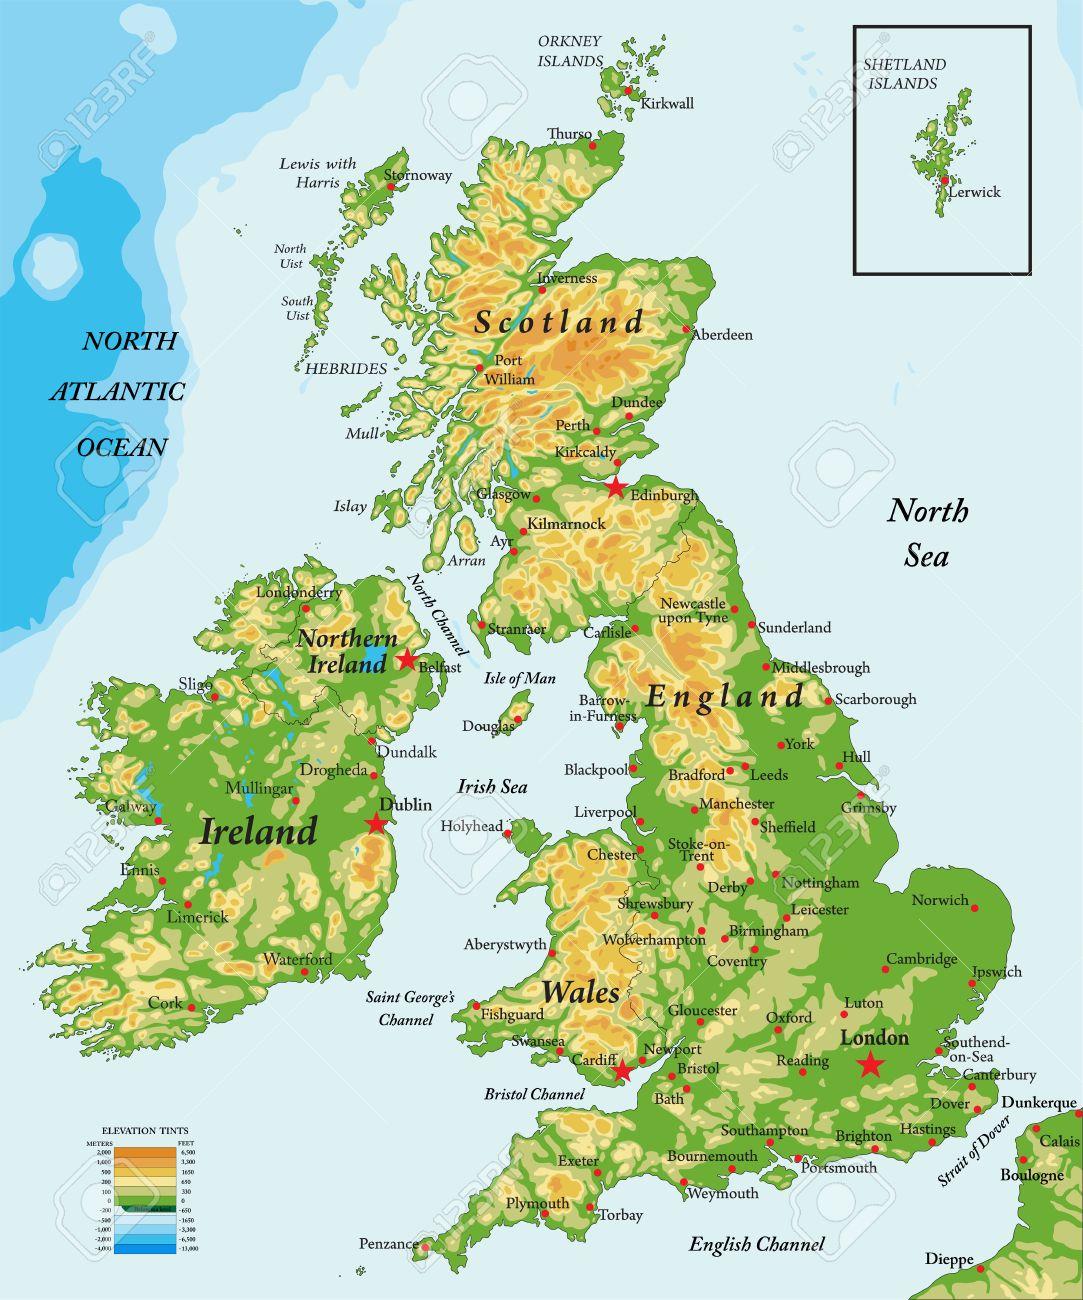 reino unido mapa Reino Unido Y Irlanda Del Mapa Físico Ilustraciones Vectoriales  reino unido mapa